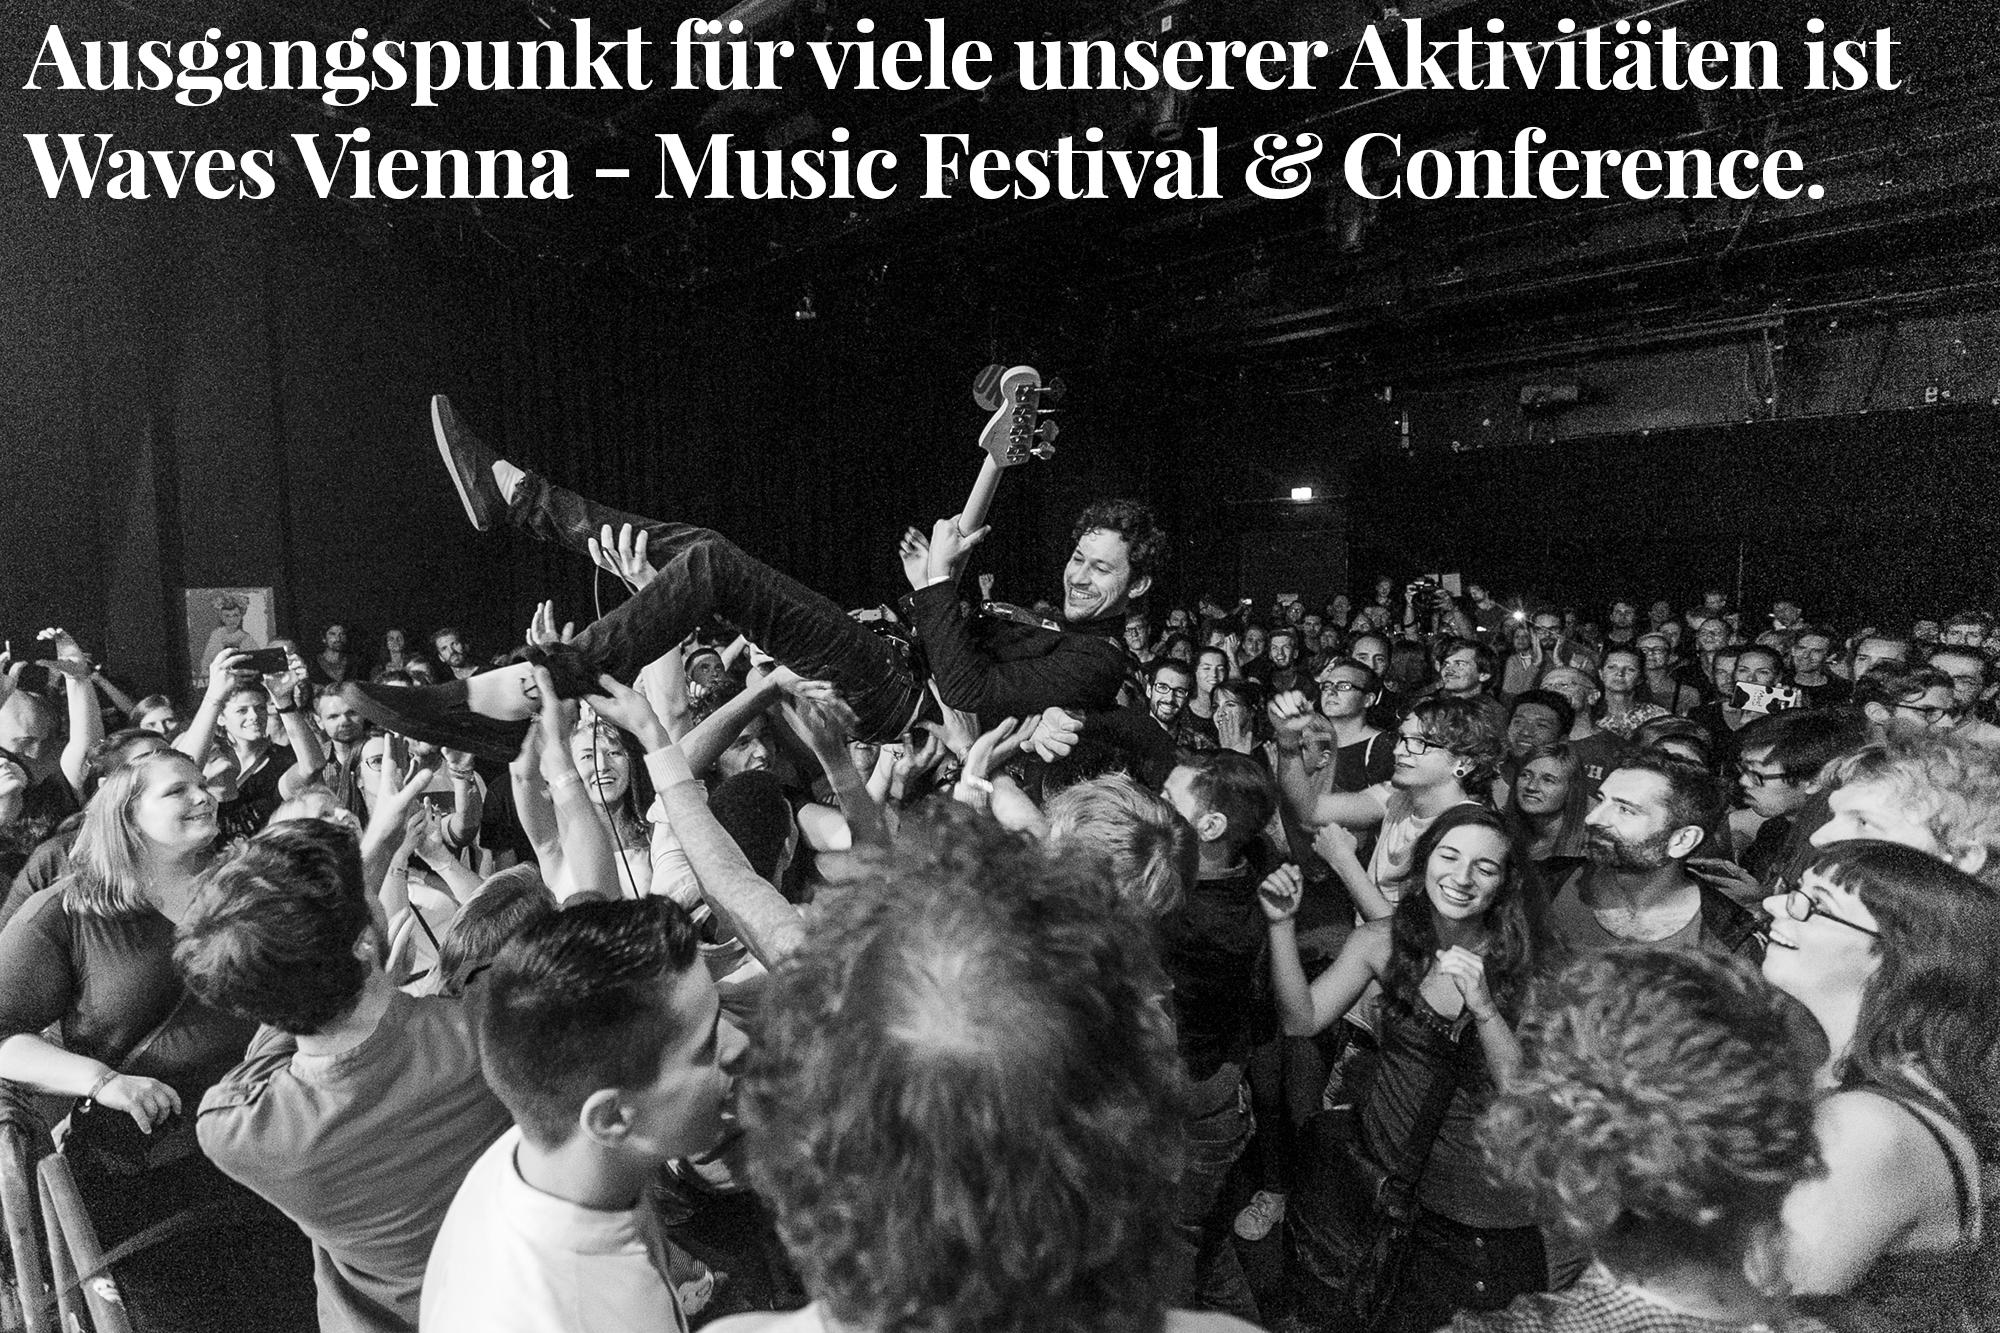 Ausgangspunkt für viele unserer Aktivitäten ist WavesVienna - Music Festival & Conference